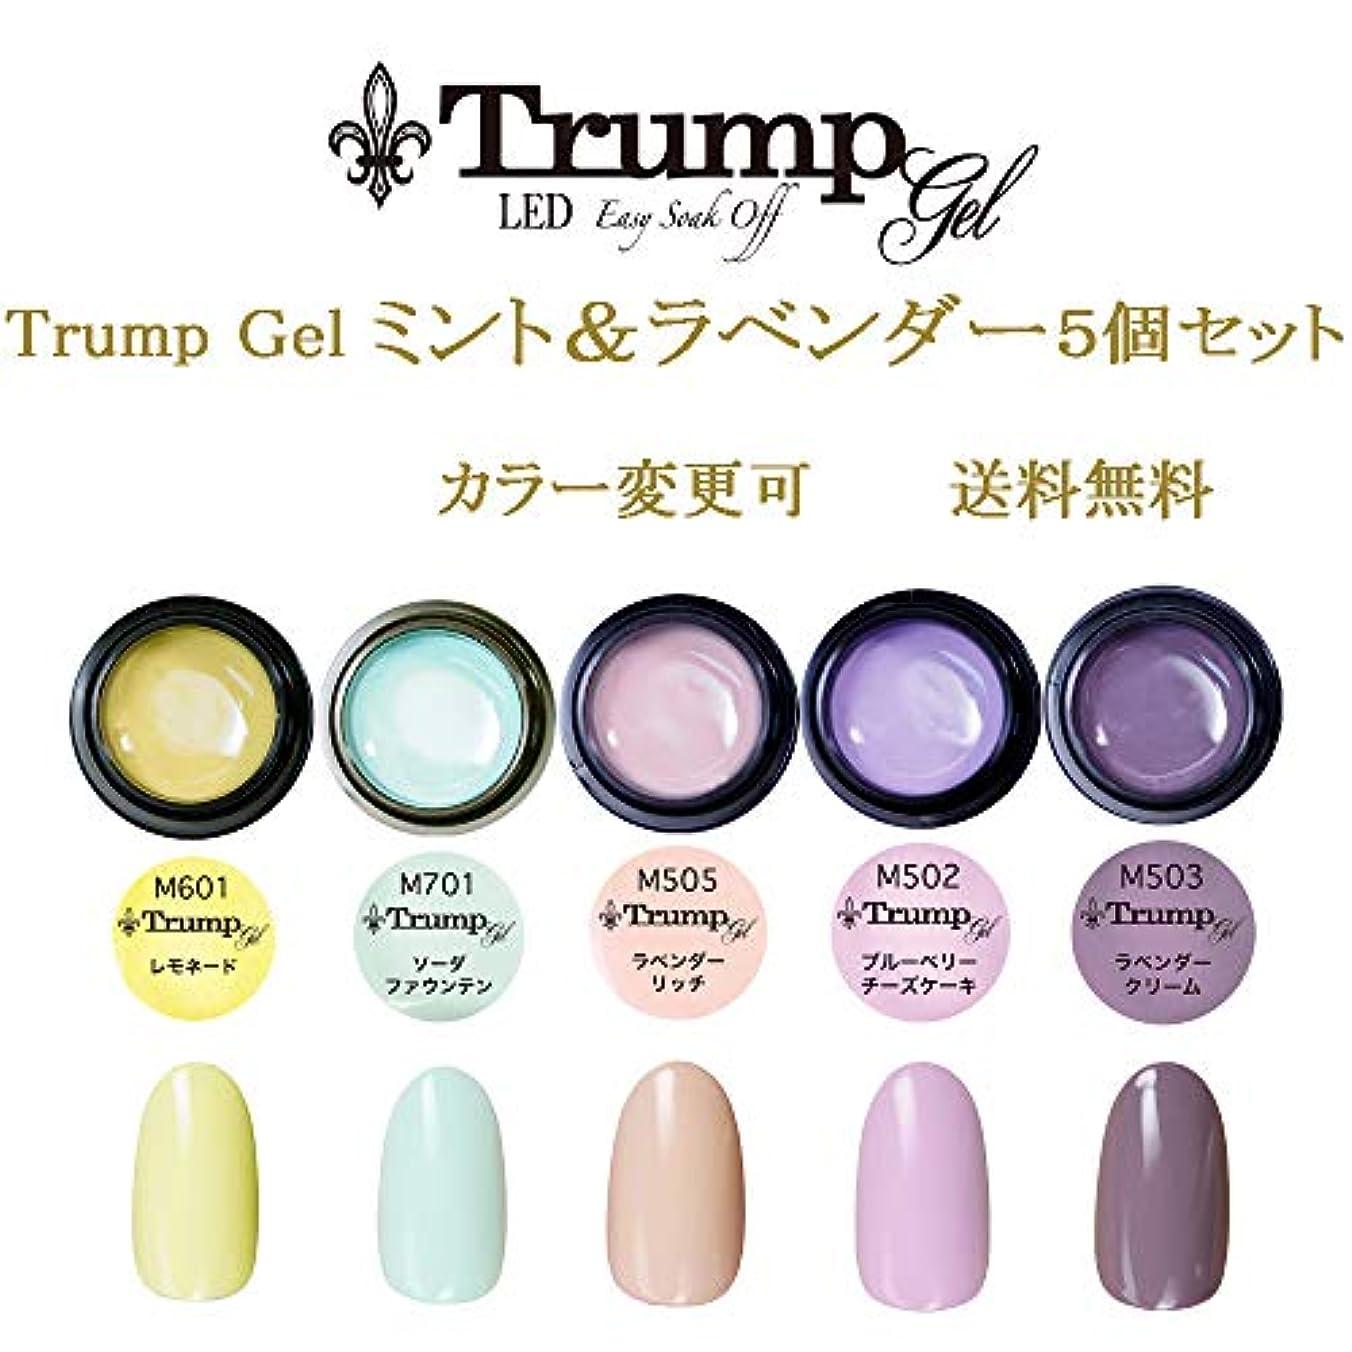 バウンスお互い目の前の【送料無料】日本製 Trump gel トランプジェル ミント&ラベンダー 選べる カラージェル 5個セット ラベンダー ベージュ ミントカラー